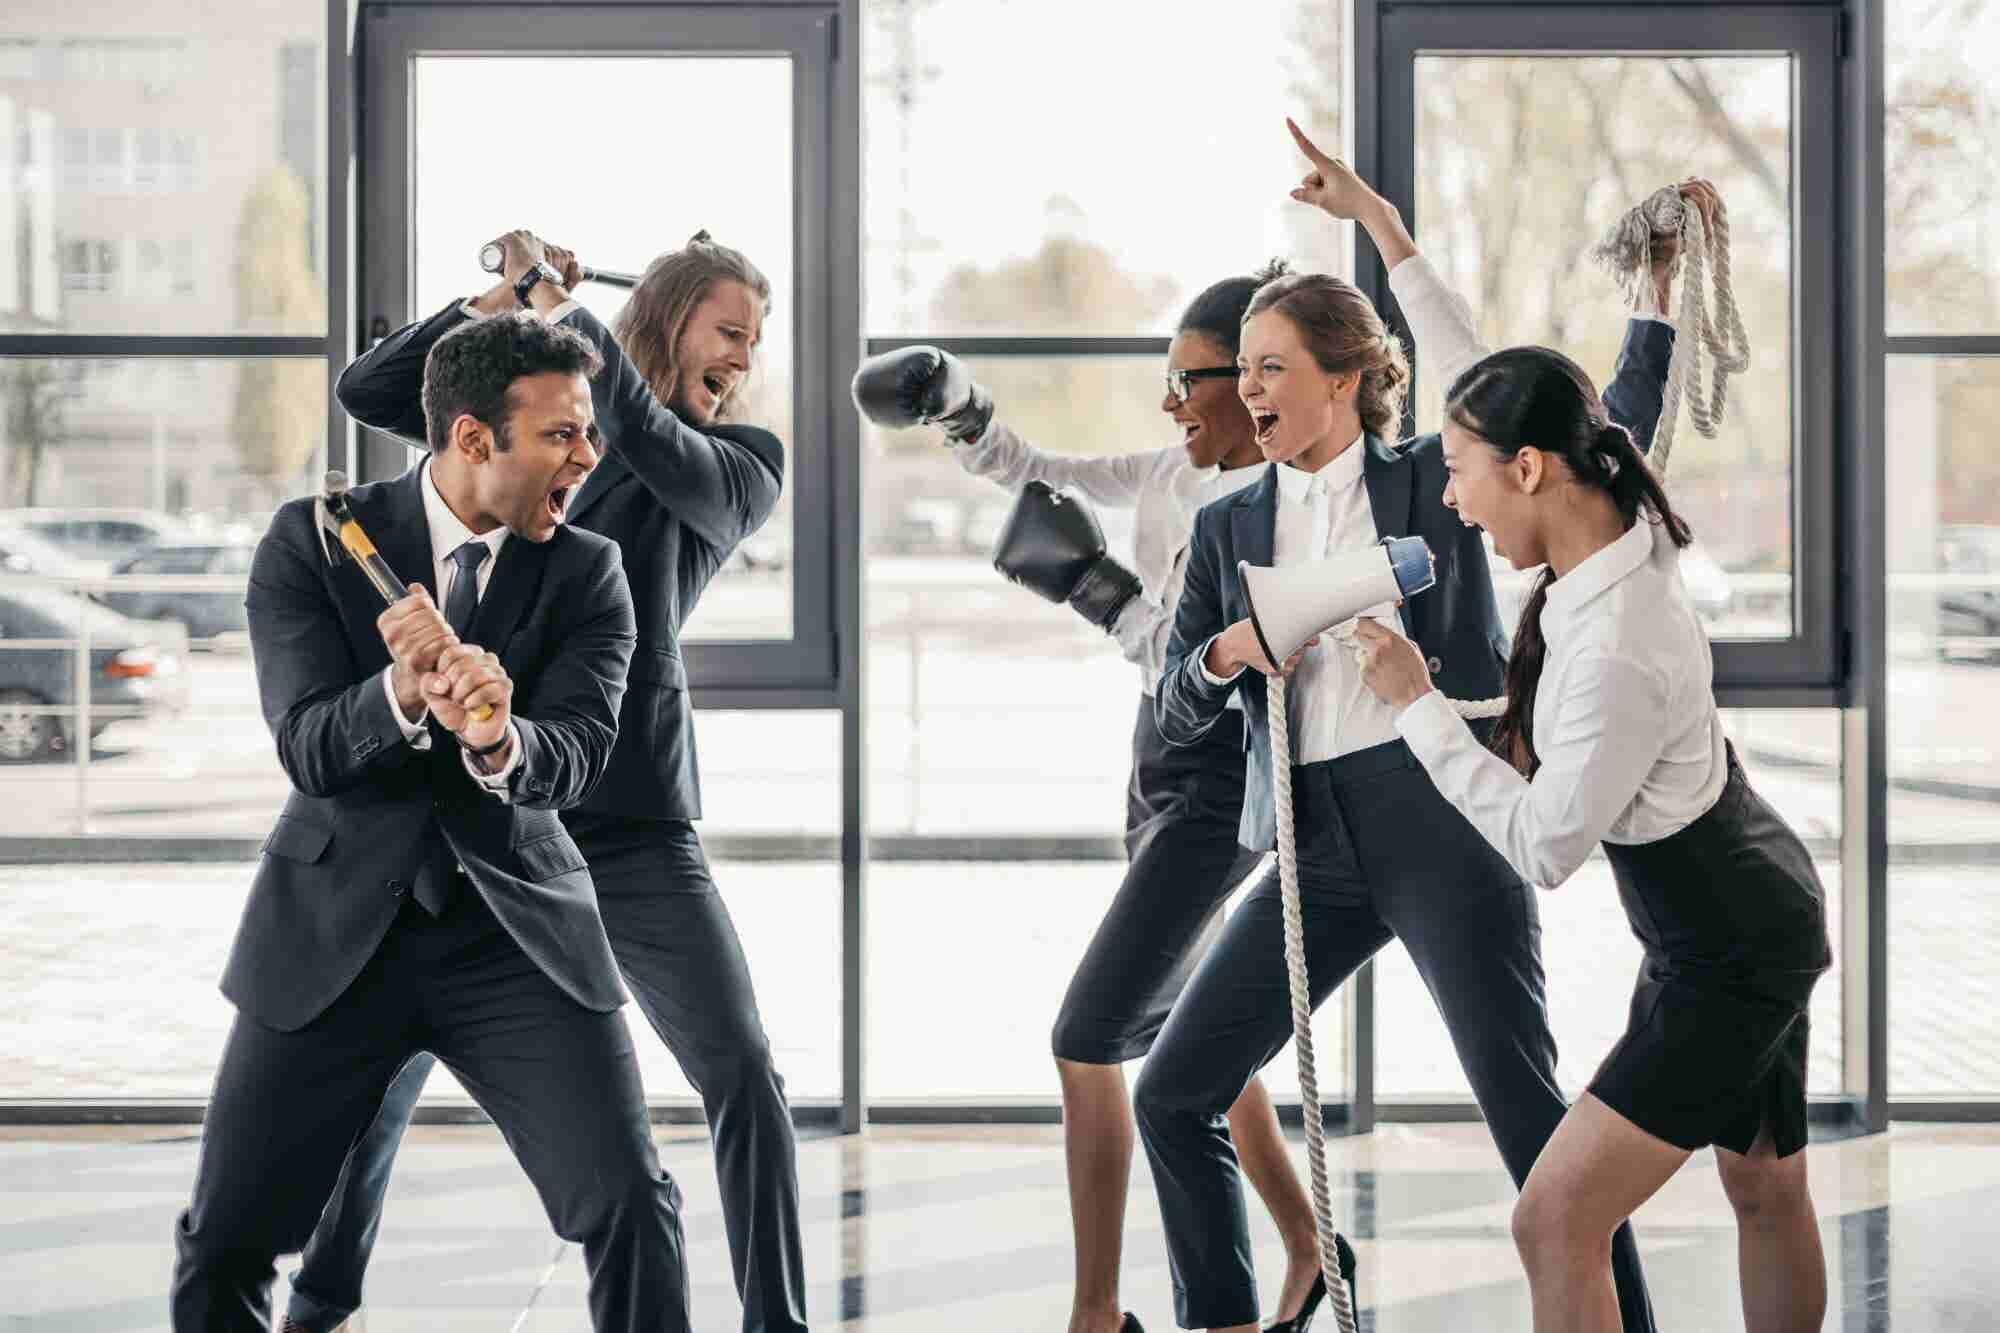 ¿Tu equipo de tecnología y el de ventas se pelean? 4 tips para evitar pleitos y cerrar más contratos